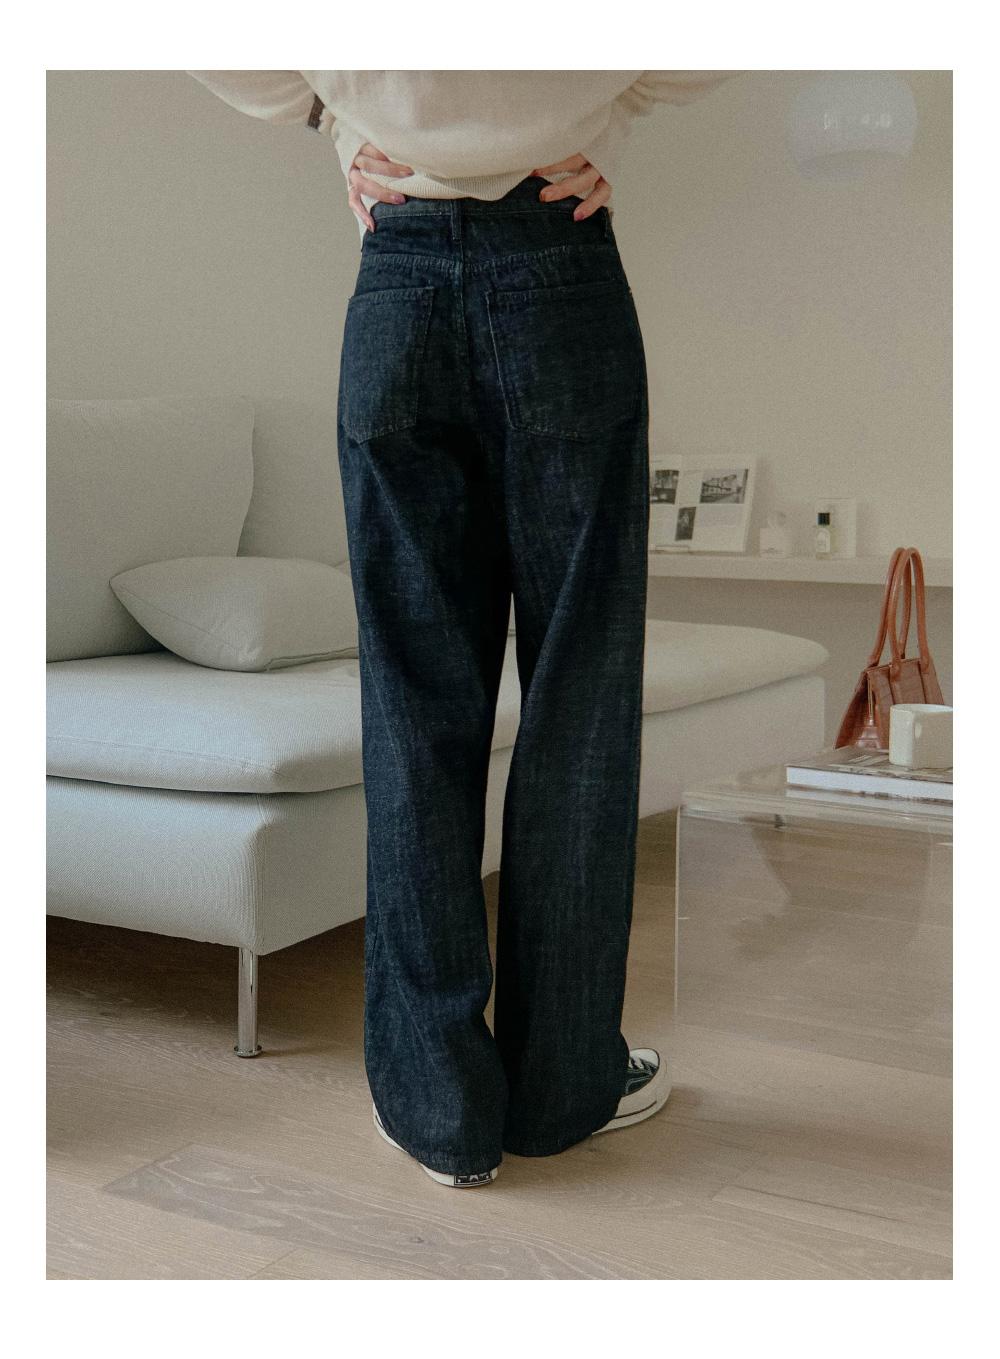 More wide Raw denim pants